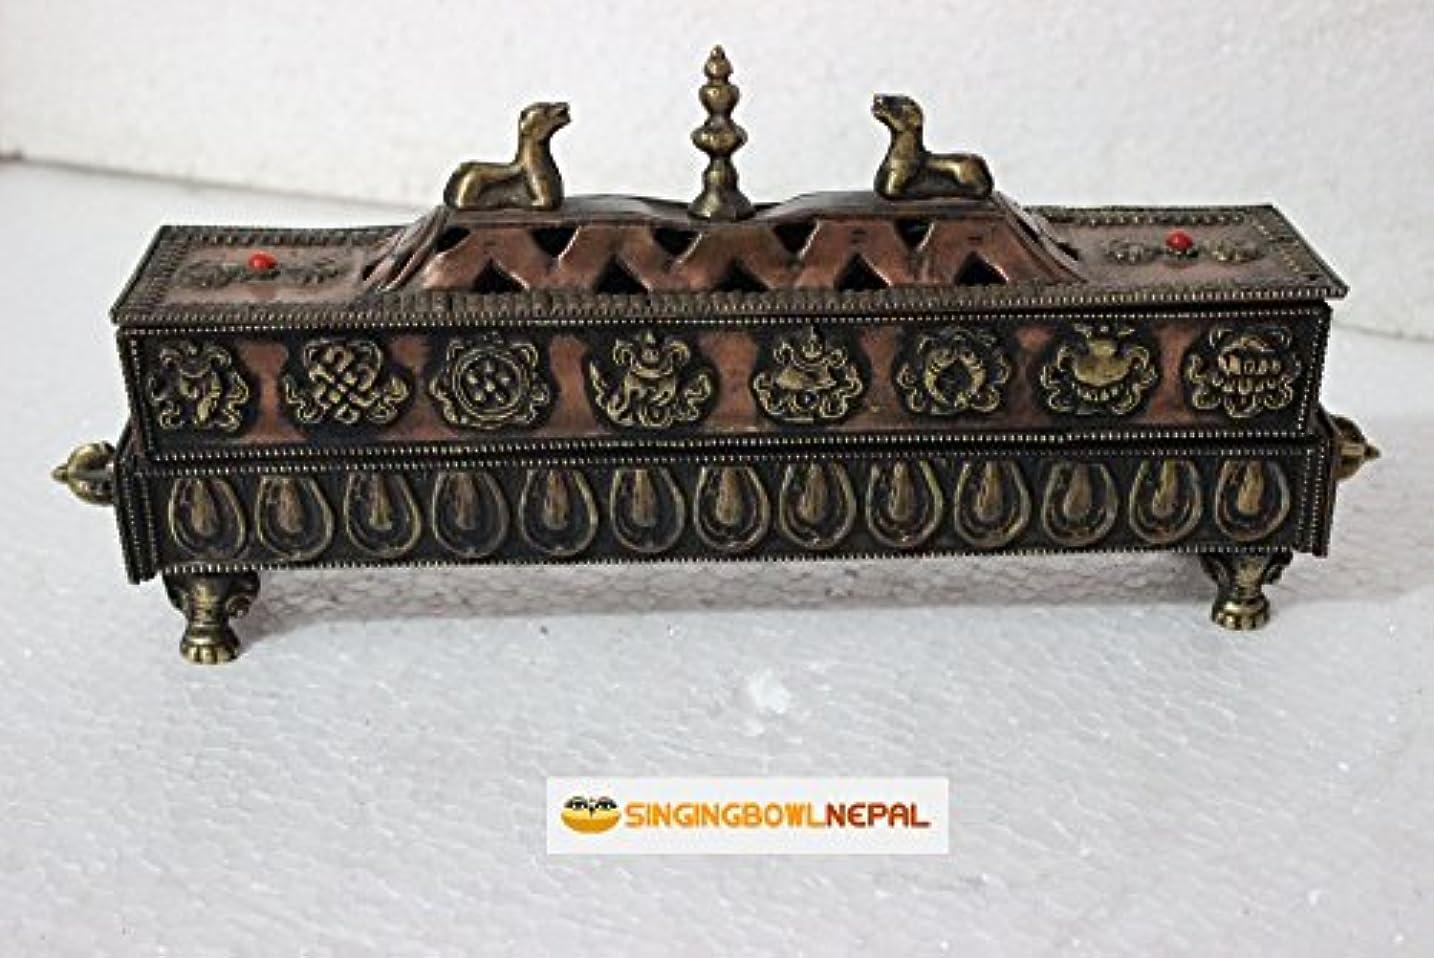 金属回答ハード伝統的芸術メタルIncense Burner onスタンドからネパール